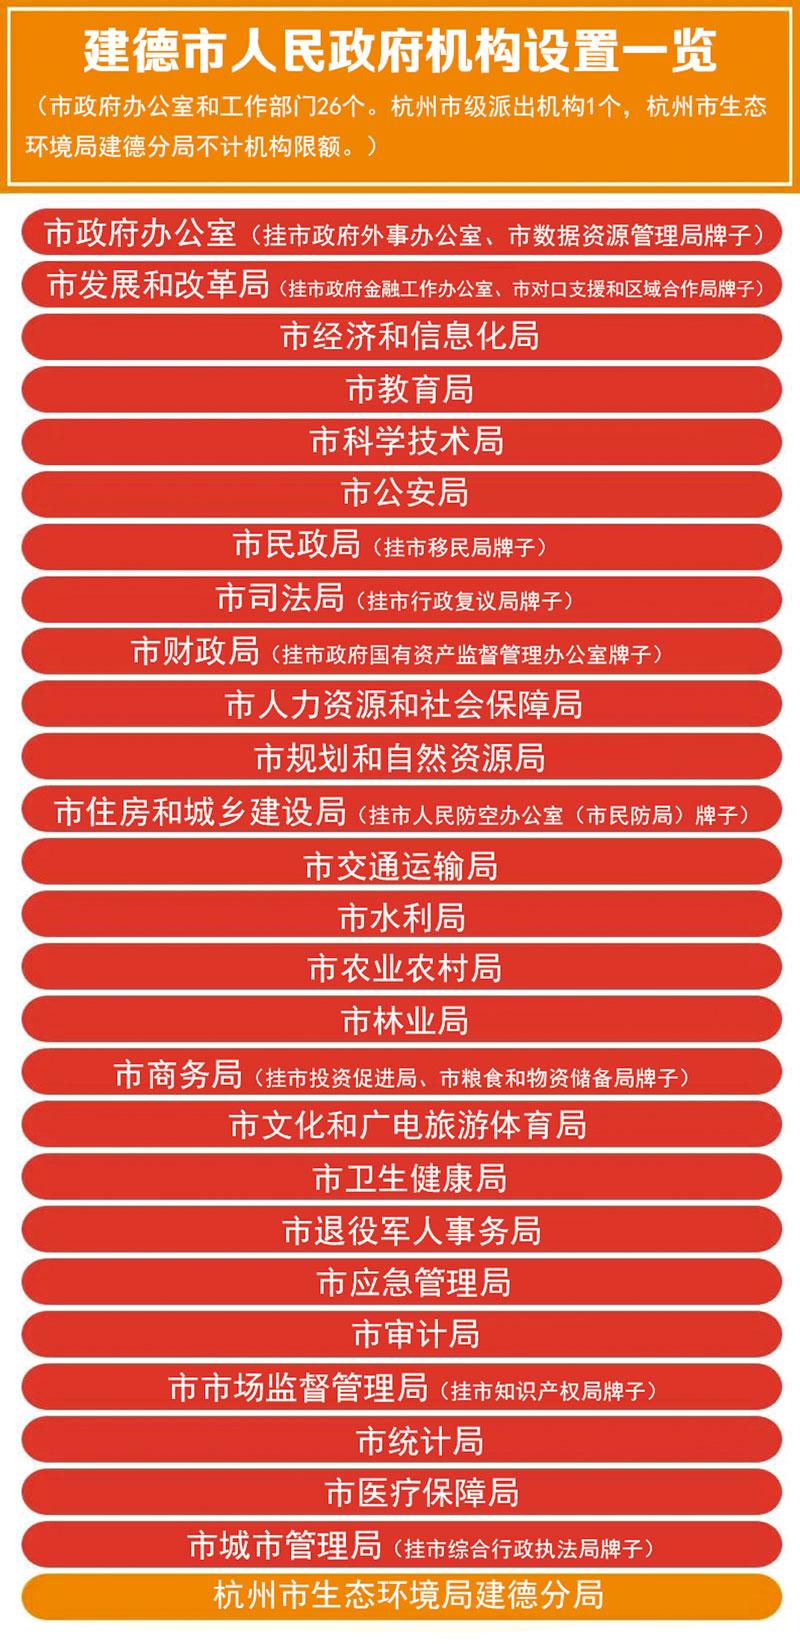 4政府机构设置一览副本.jpg